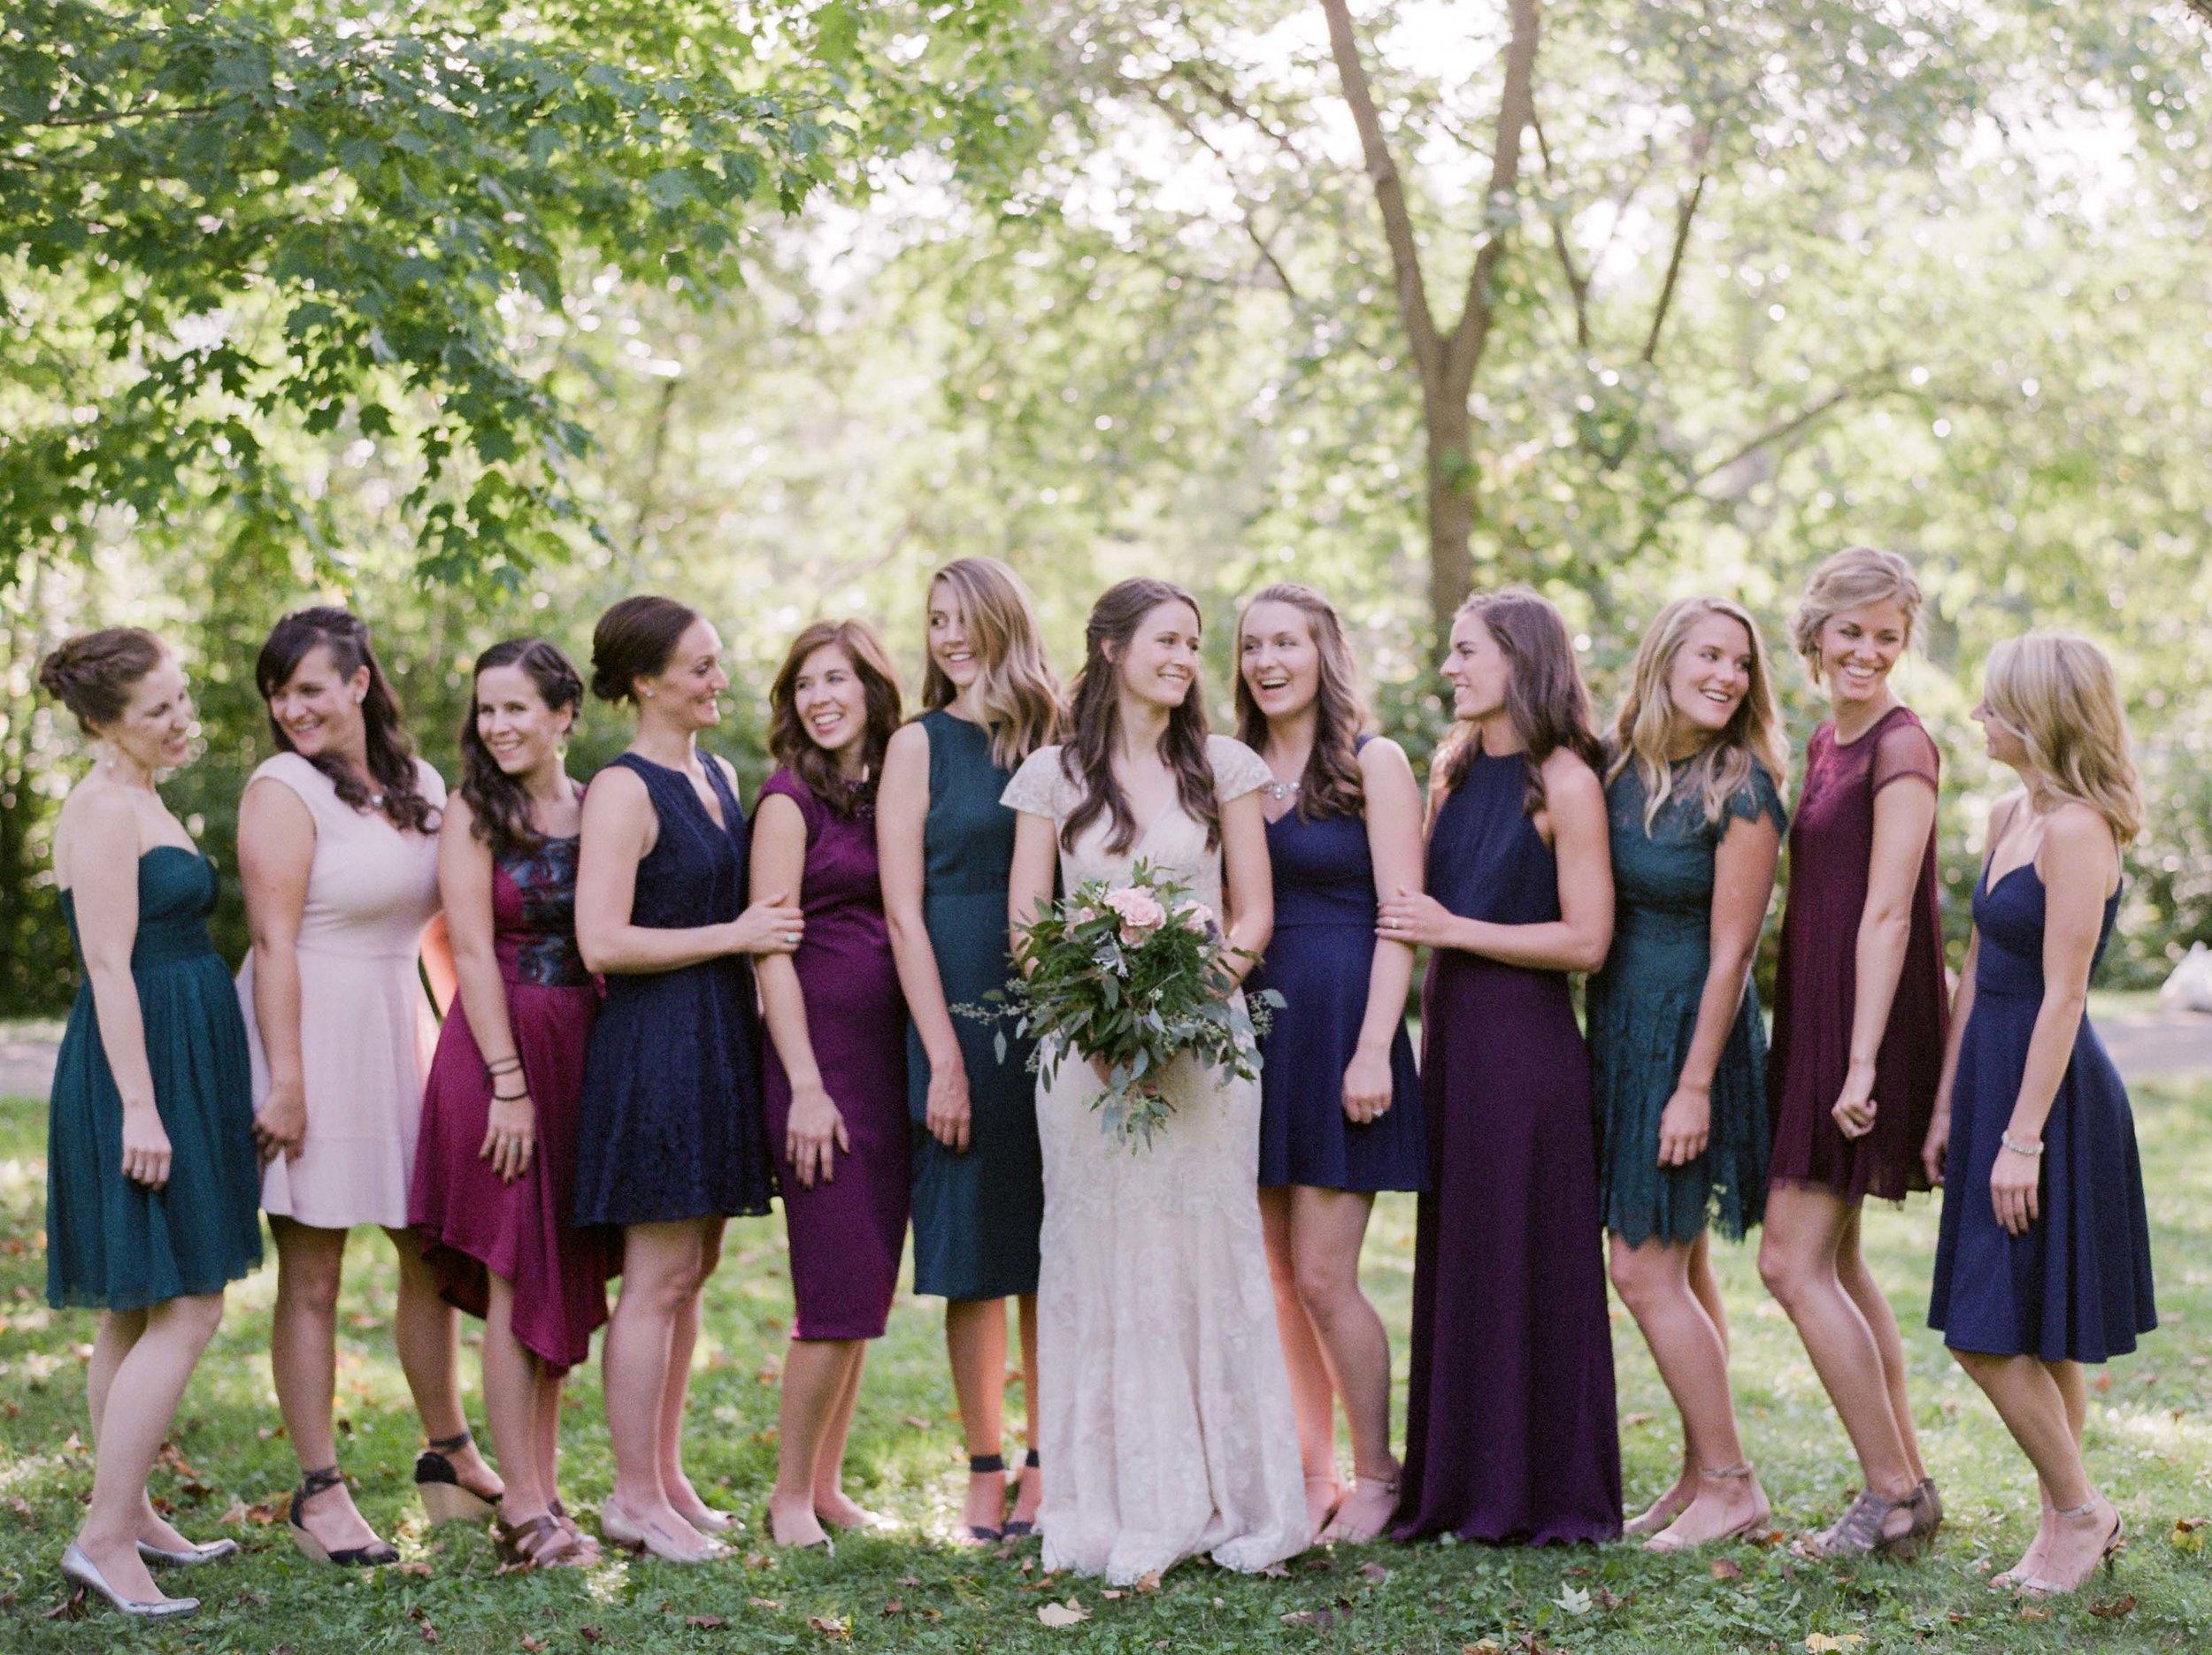 kateweinsteinphoto_clairewillie_wedding-250.jpg